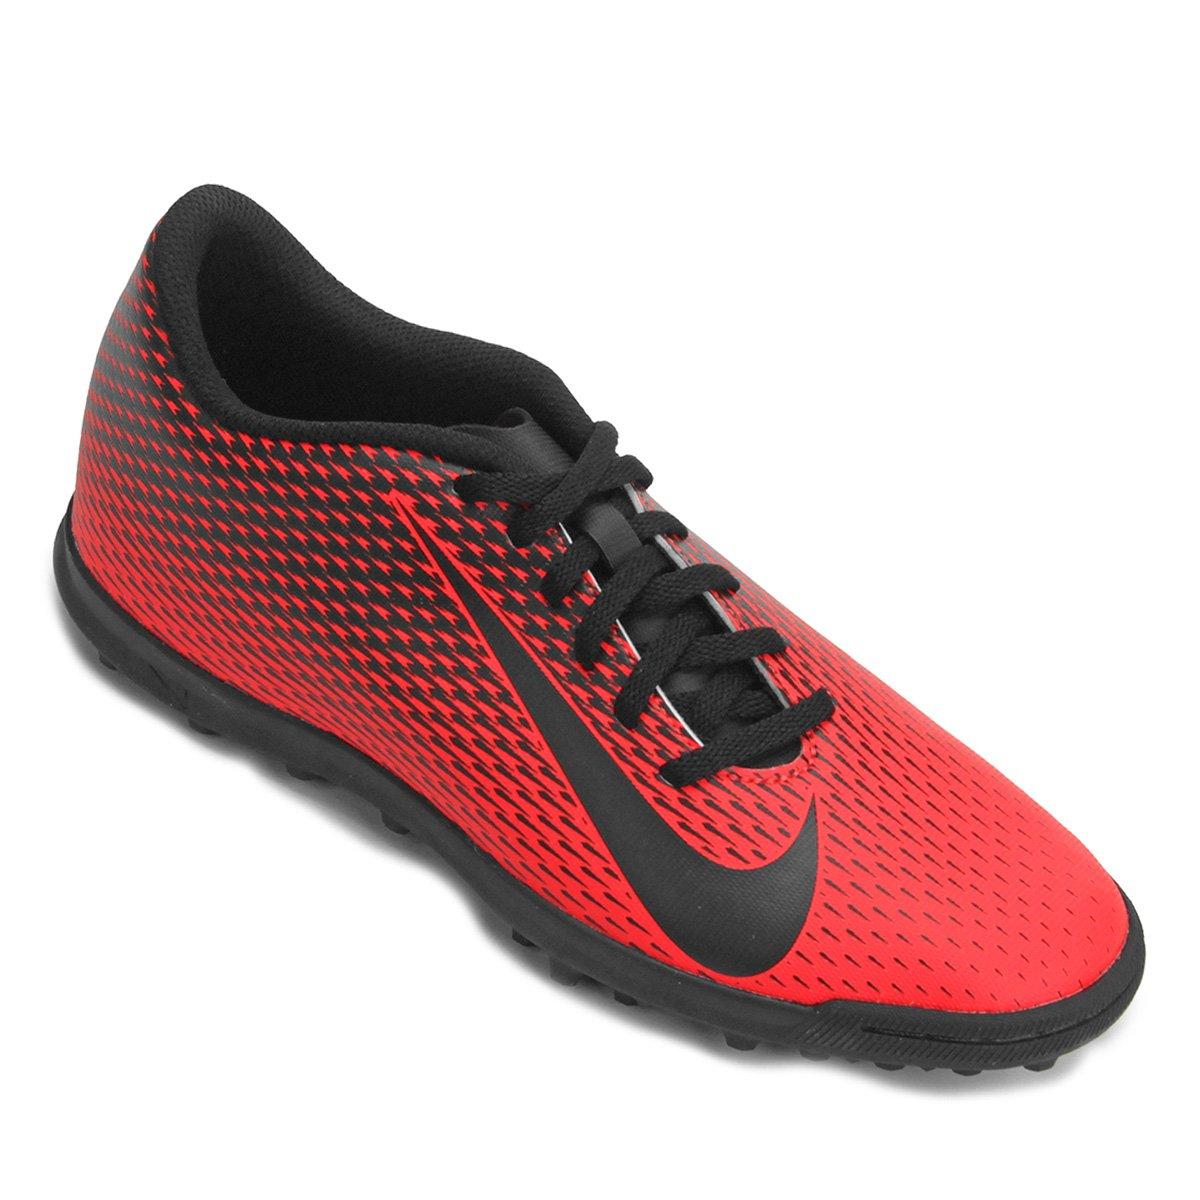 ca4893ba138d9 Chuteira Society Nike Bravata 2 TF - Tam: 43 - Shopping TudoAzul